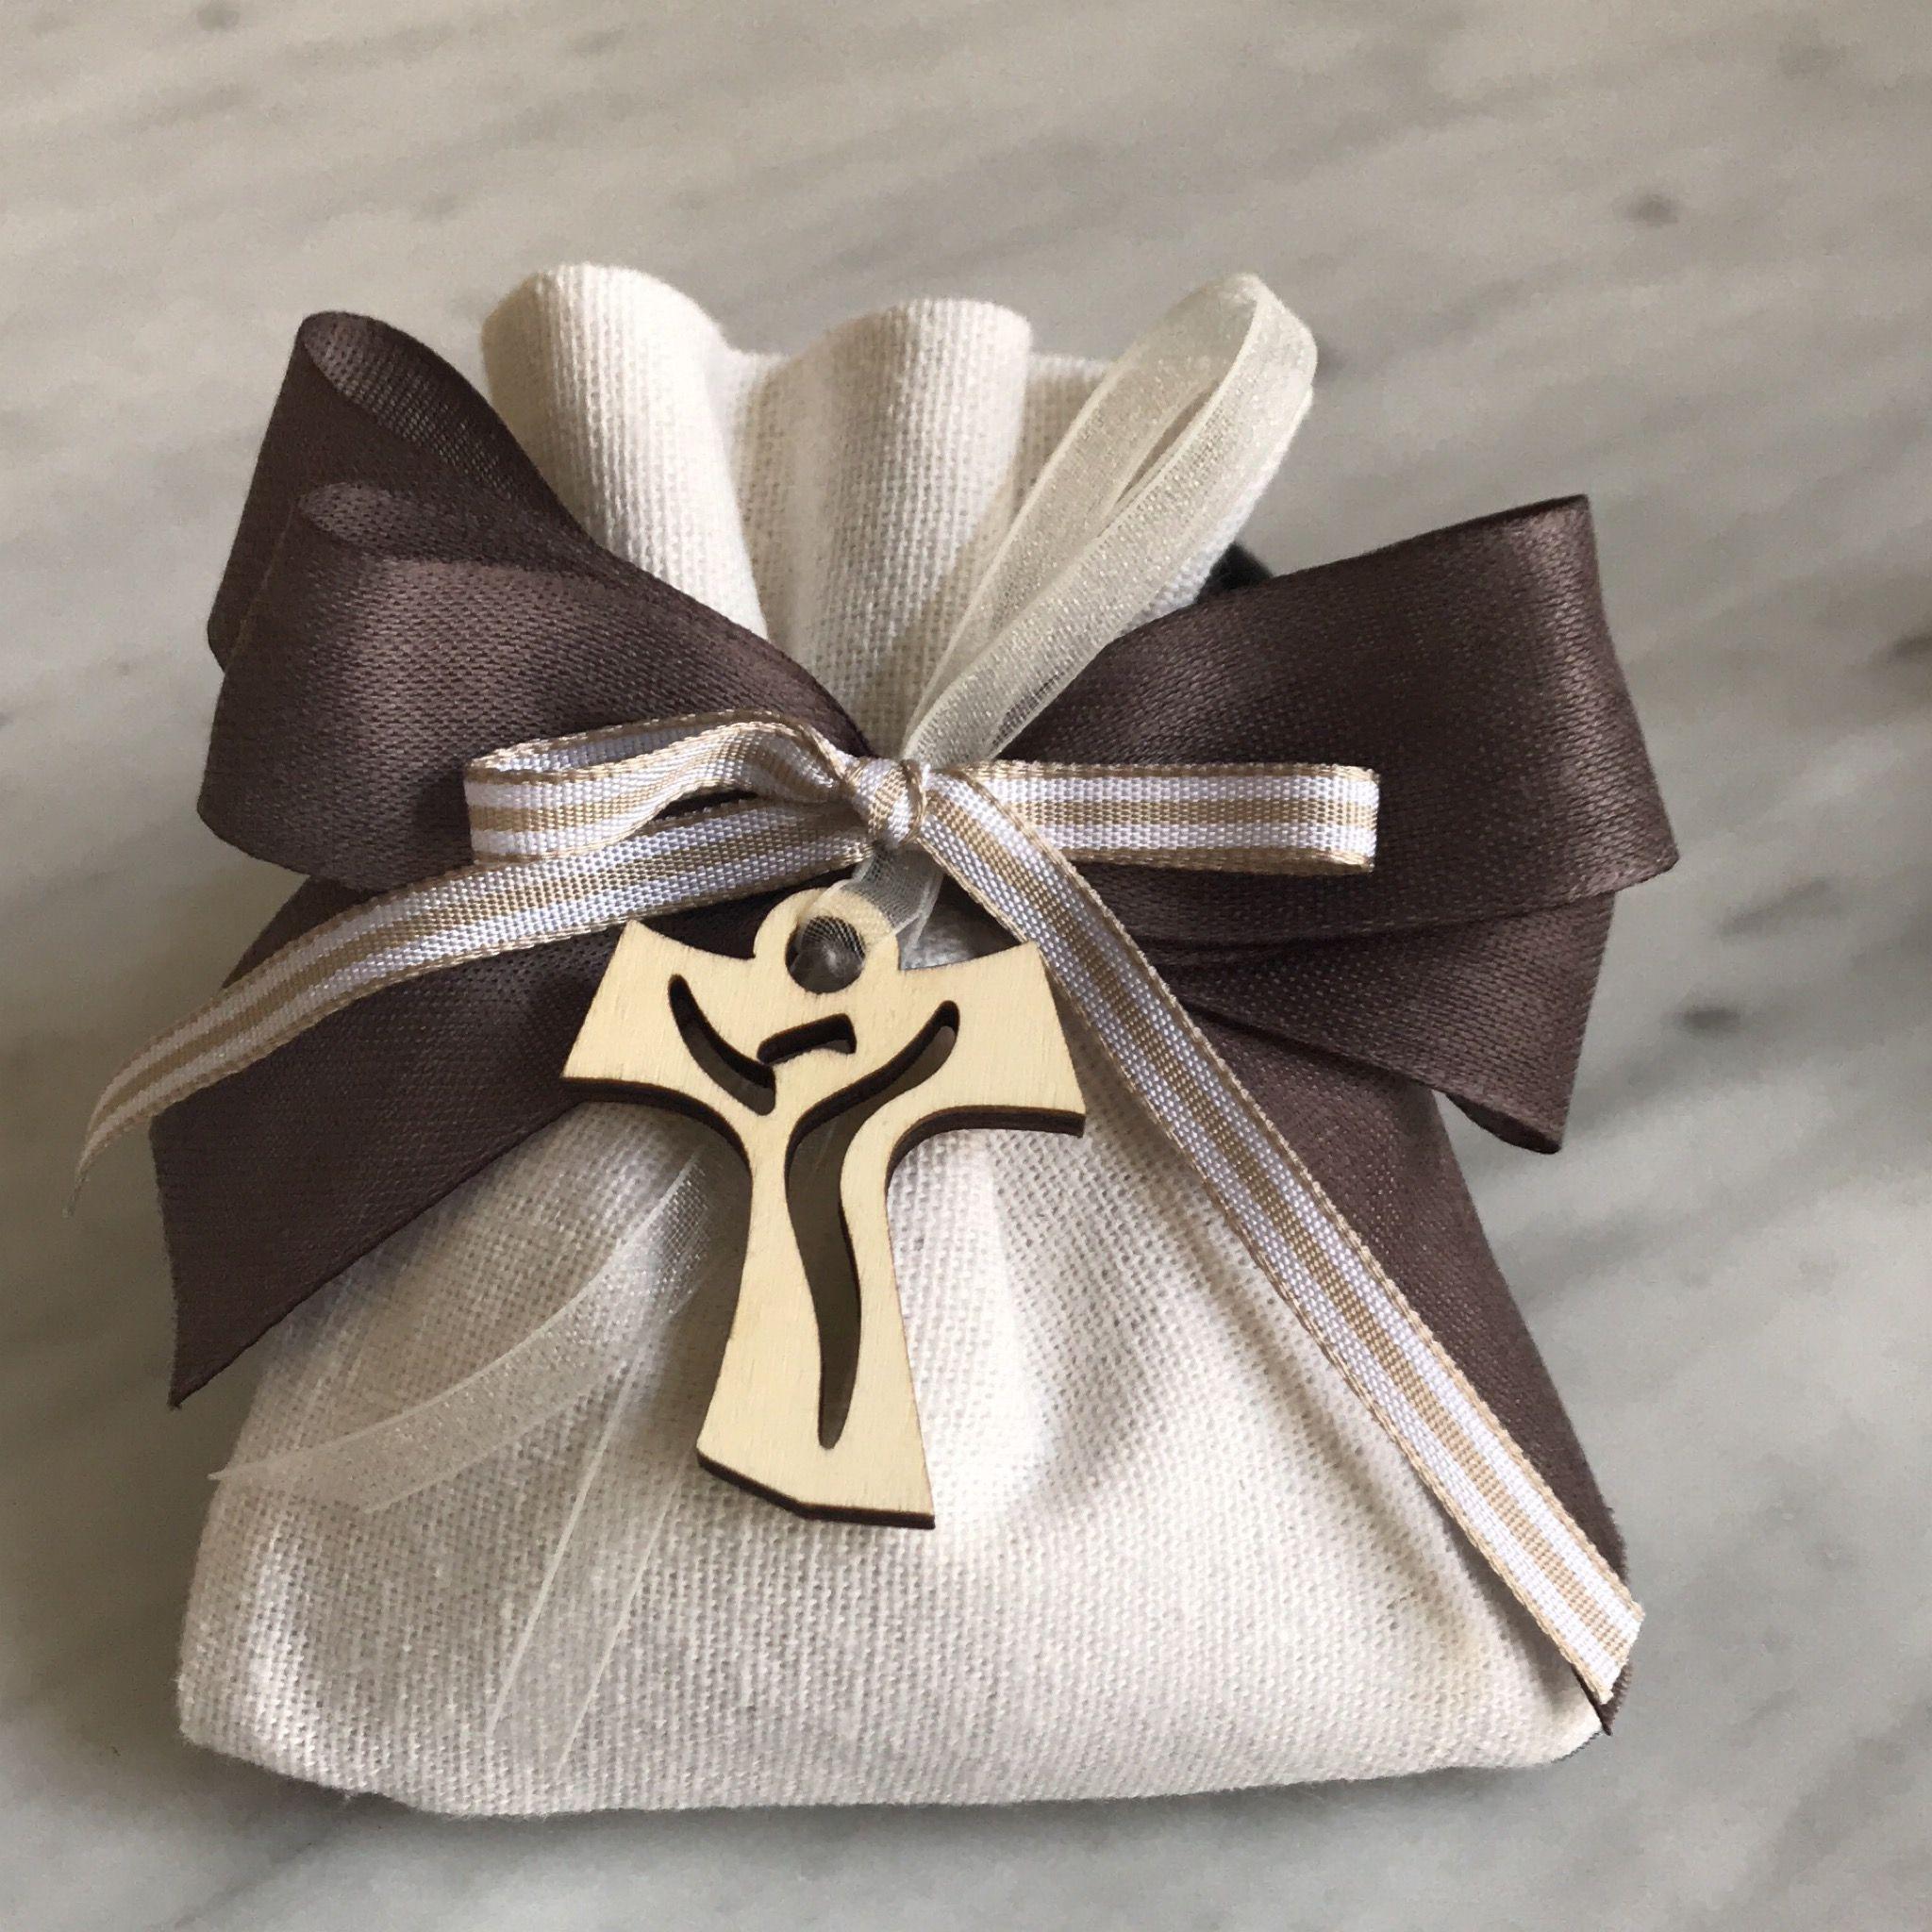 Porta Confetti Per Comunione Tao Confetti Comunione Croce Legno Bomboniere Di Comunione Comunione Decorazioni Battesimo